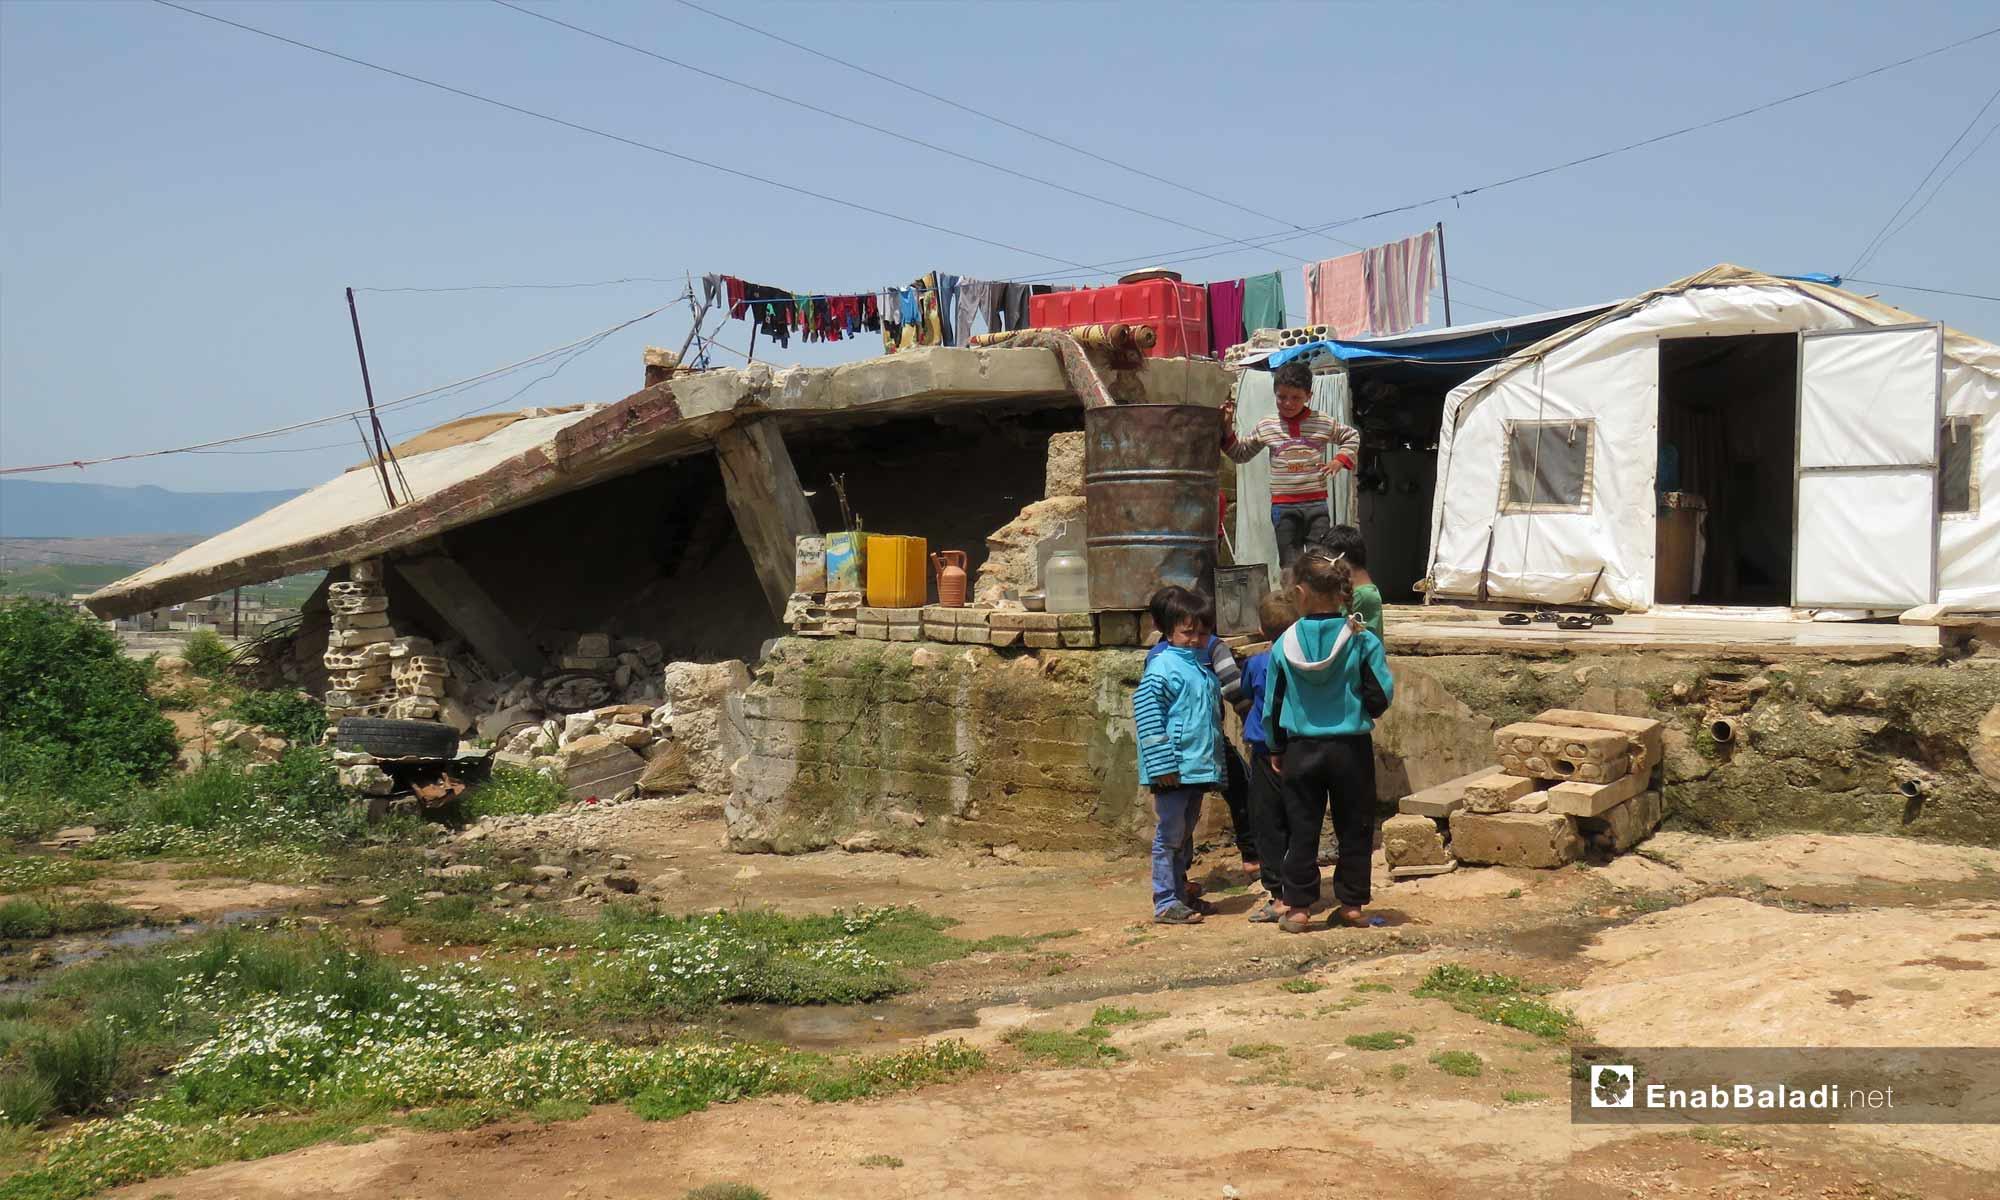 Children playing in the town of Kafr Nabudah, northern rural Hama – April 24, 2019 (Enab Baladi)